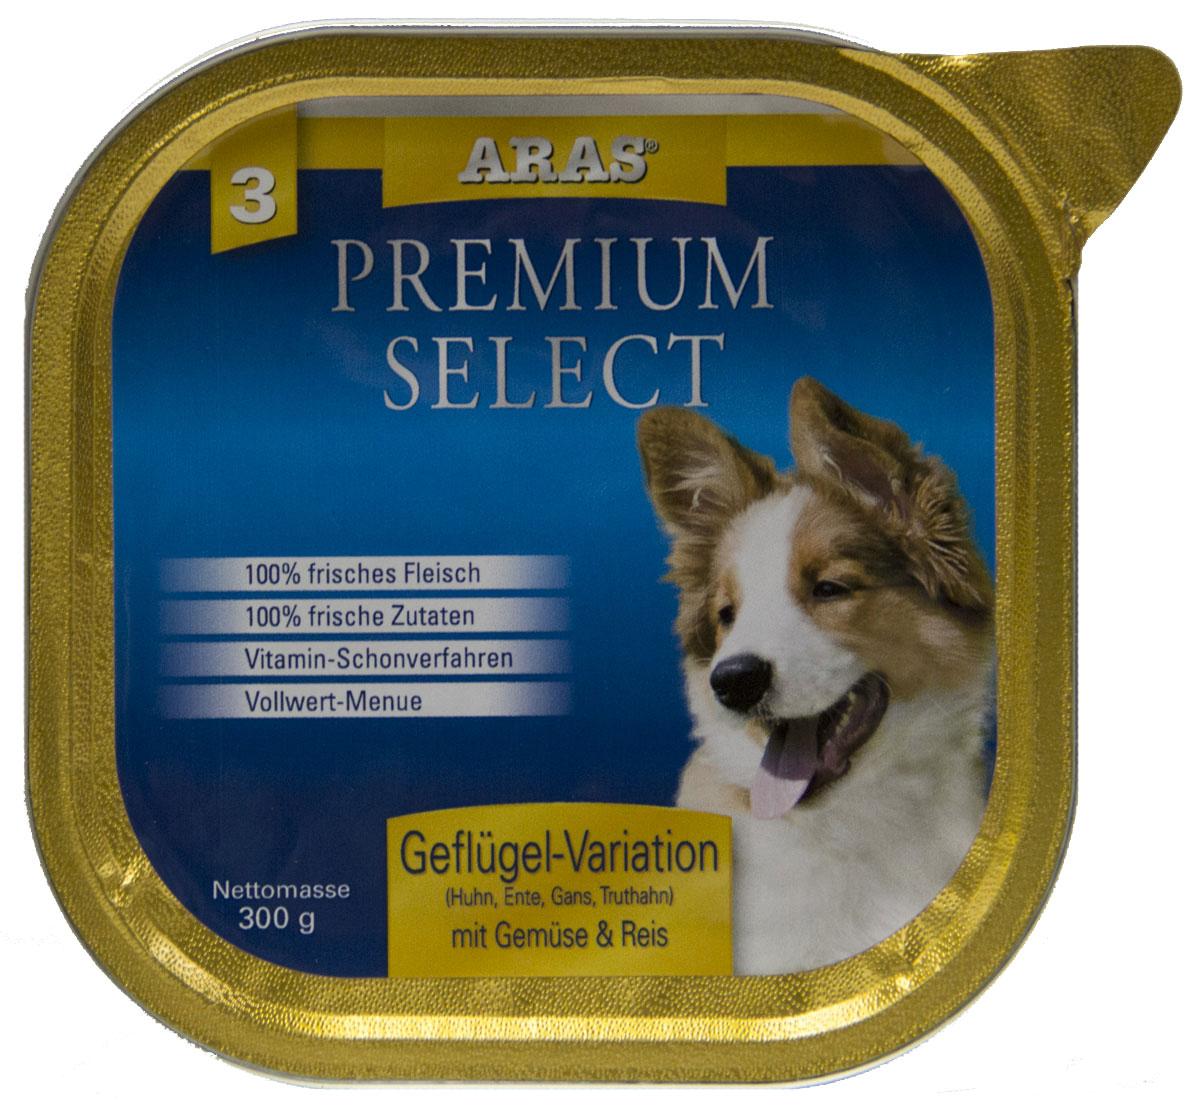 Консервы Aras Premium Select, для собак, с домашней птицей, овощами и рисом, 195 г101203Повседневный консервированный корм для собак всех пород и всех возрастов. Корм произведен в Германии из продуктов, пригодных в пищу человека по специальной технологии схожей с технологией Sous Vide. Благодаря уникальной технологии, схожей с технологий Souse Vide, при изготовлении сохраняются все натуральные витамины и минералы. Это достигается благодаря бережной обработке всех ингредиентов при температуре менее 80 градусов. Такая бережная обработка продуктов не стерилизует продуктовые компоненты. Благодаря этому корма не нуждаются ни в каких дополнительных вкусовых добавках и сохраняют все необходимые полезные вещества. При производстве кормов используются исключительно свежие натуральные продукты: мясо, овощи и зерновые; Приготовлено из 100% свежего мяса, пригодного в пищу человеку; Содержит натуральные витамины, аминокислоты, минеральные вещества и микроэлементы; С экстрактом масла зародышей зерна пшеницы холодного отжима (Bio-Dura); Без химических...